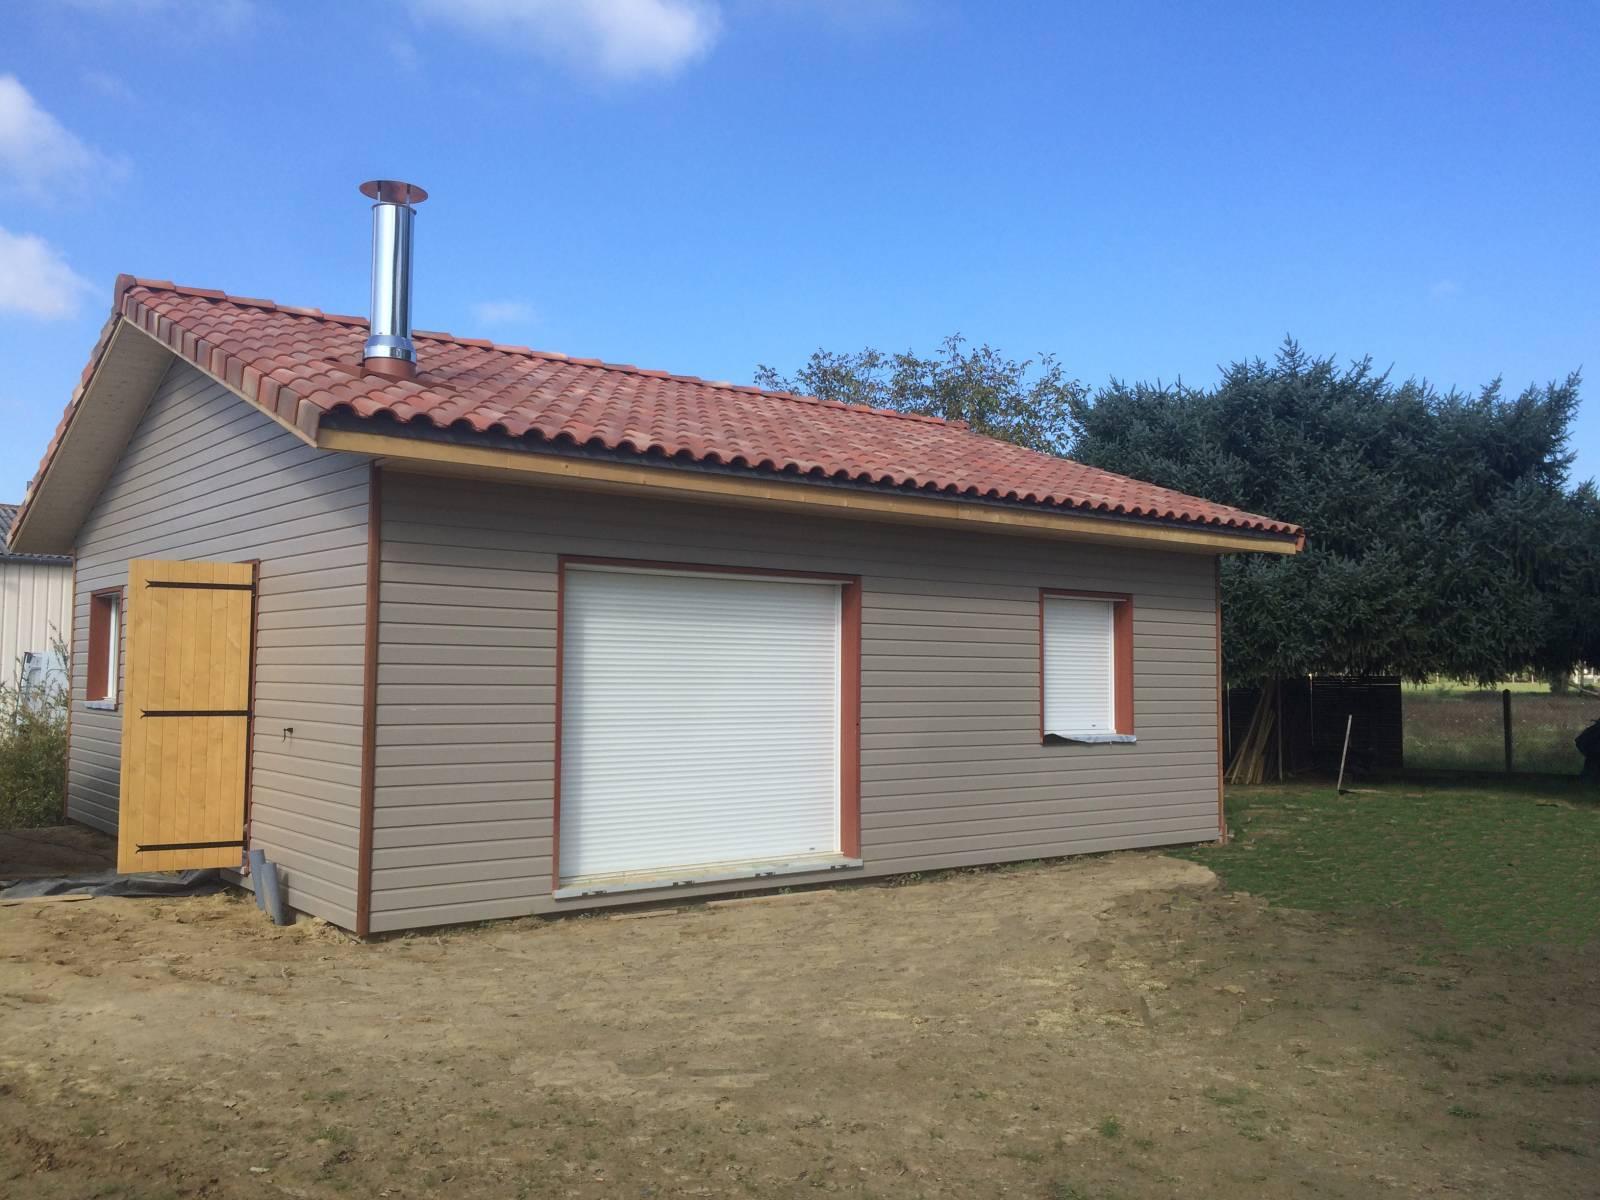 Maison ossature bois réf 30045  près de Riscle dans le Gers (32)  Cogebois